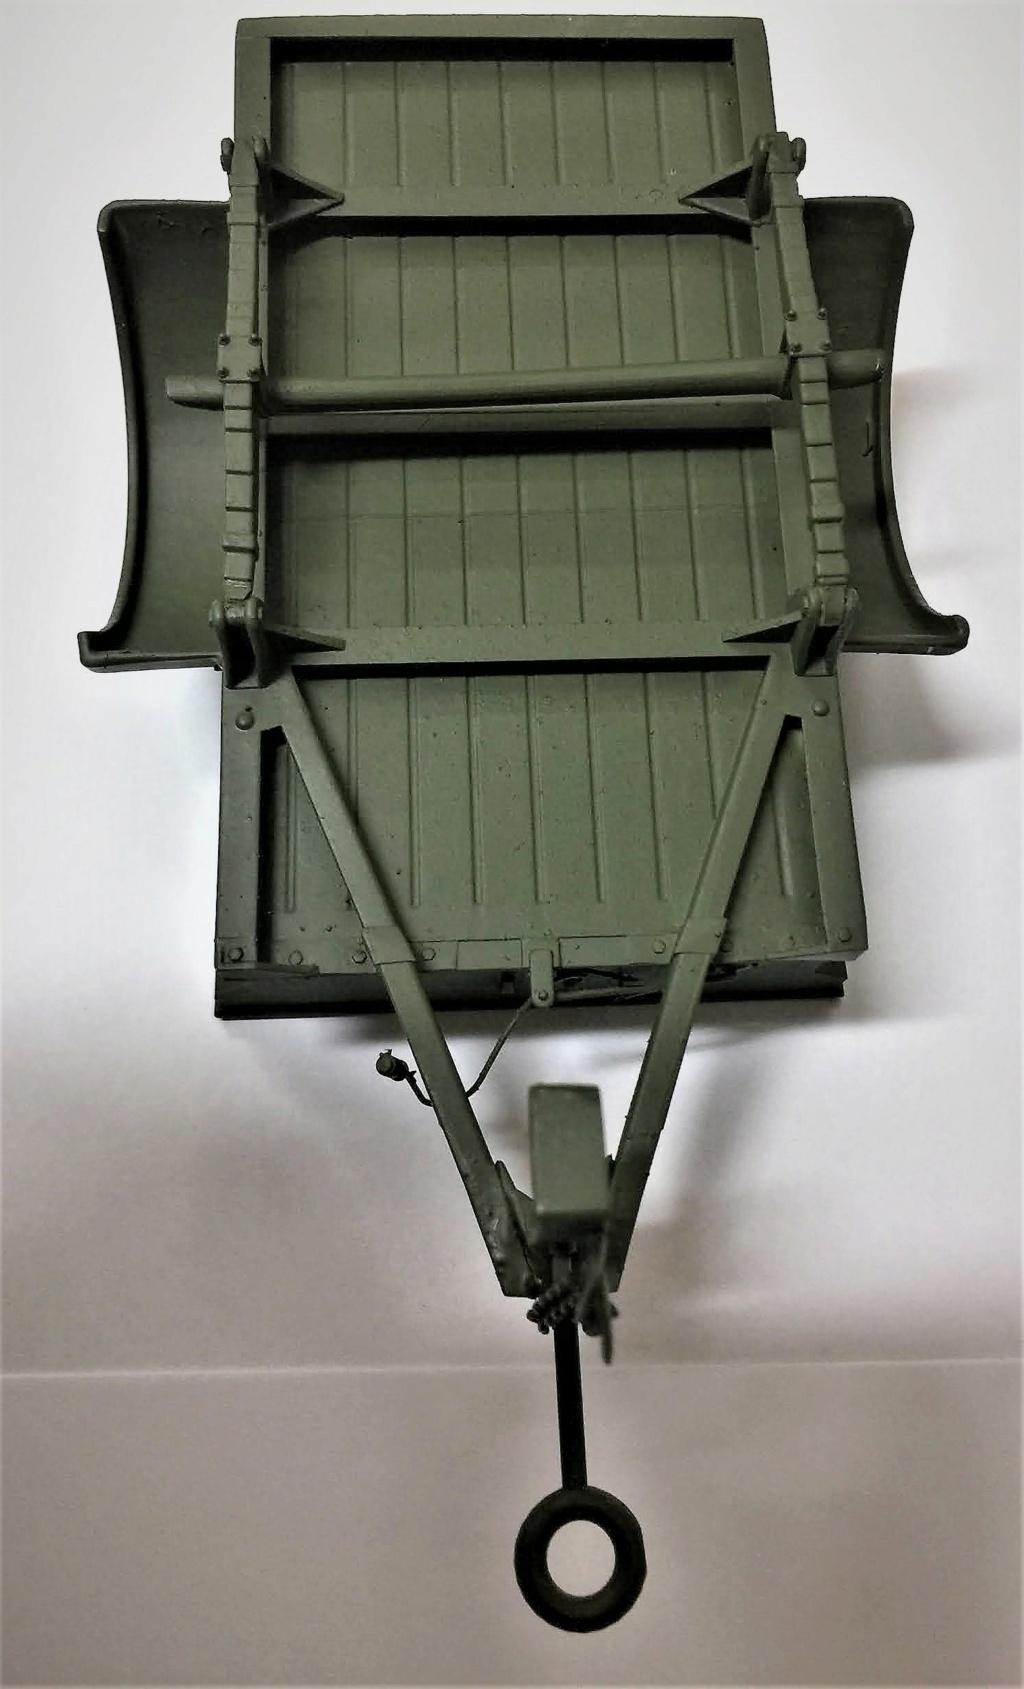 Jeep Willys en résine 3D au 1/24 et au 1/12 avec épave - Page 28 Img_6722